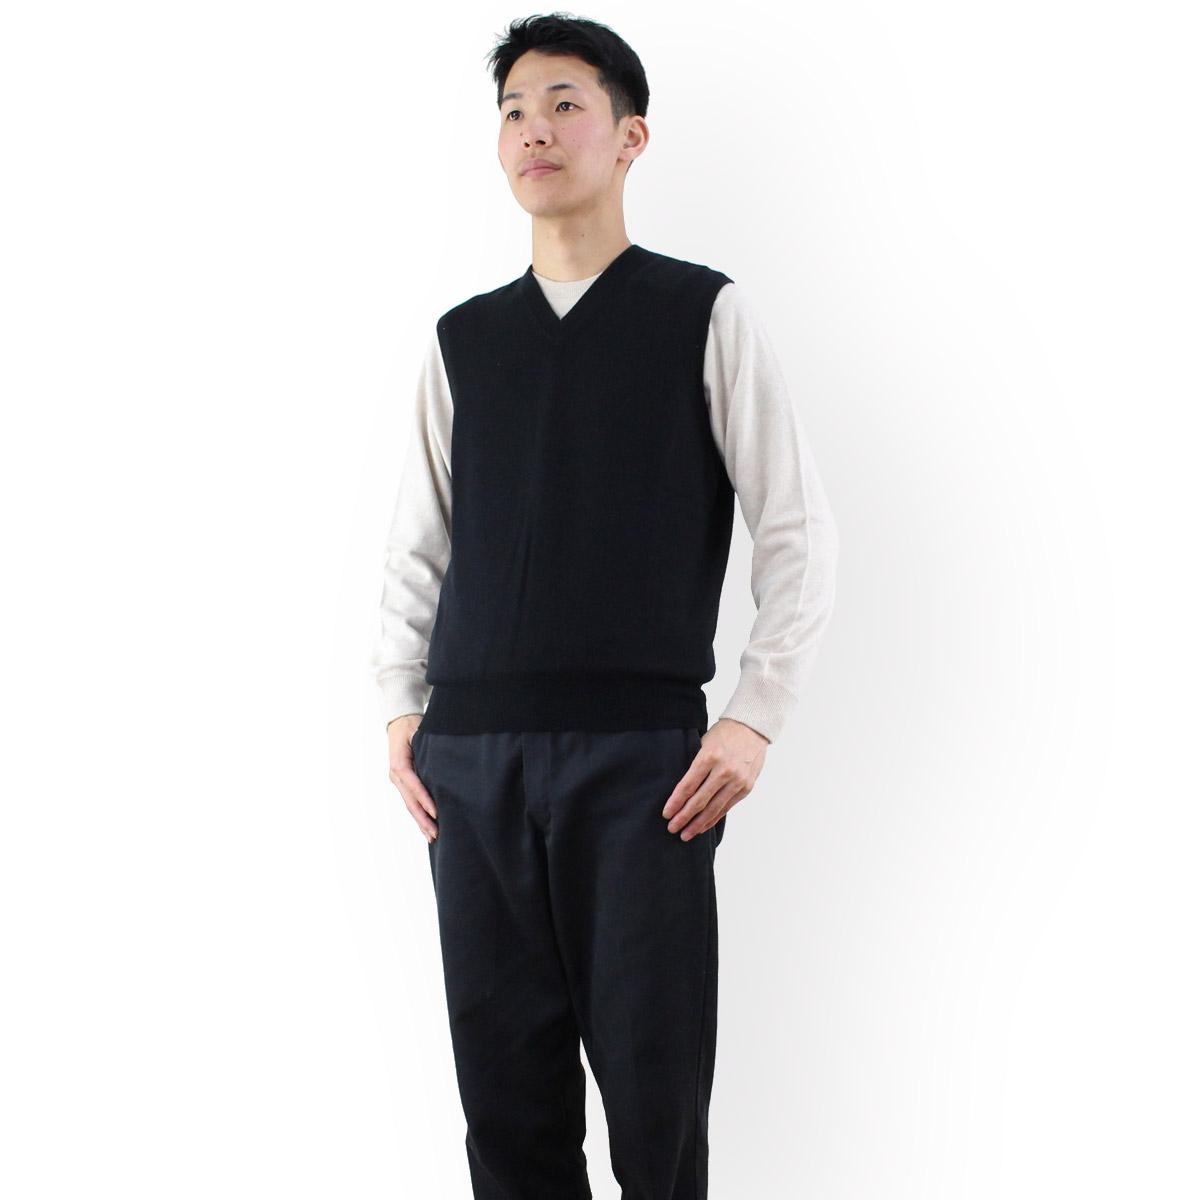 ルナリアカシミア Lunaria Cashmere Model 106 1 ピュアカシミアニット Vネックベストメンズ カラー:ブラック  メンズ OLS-4 apparel-01